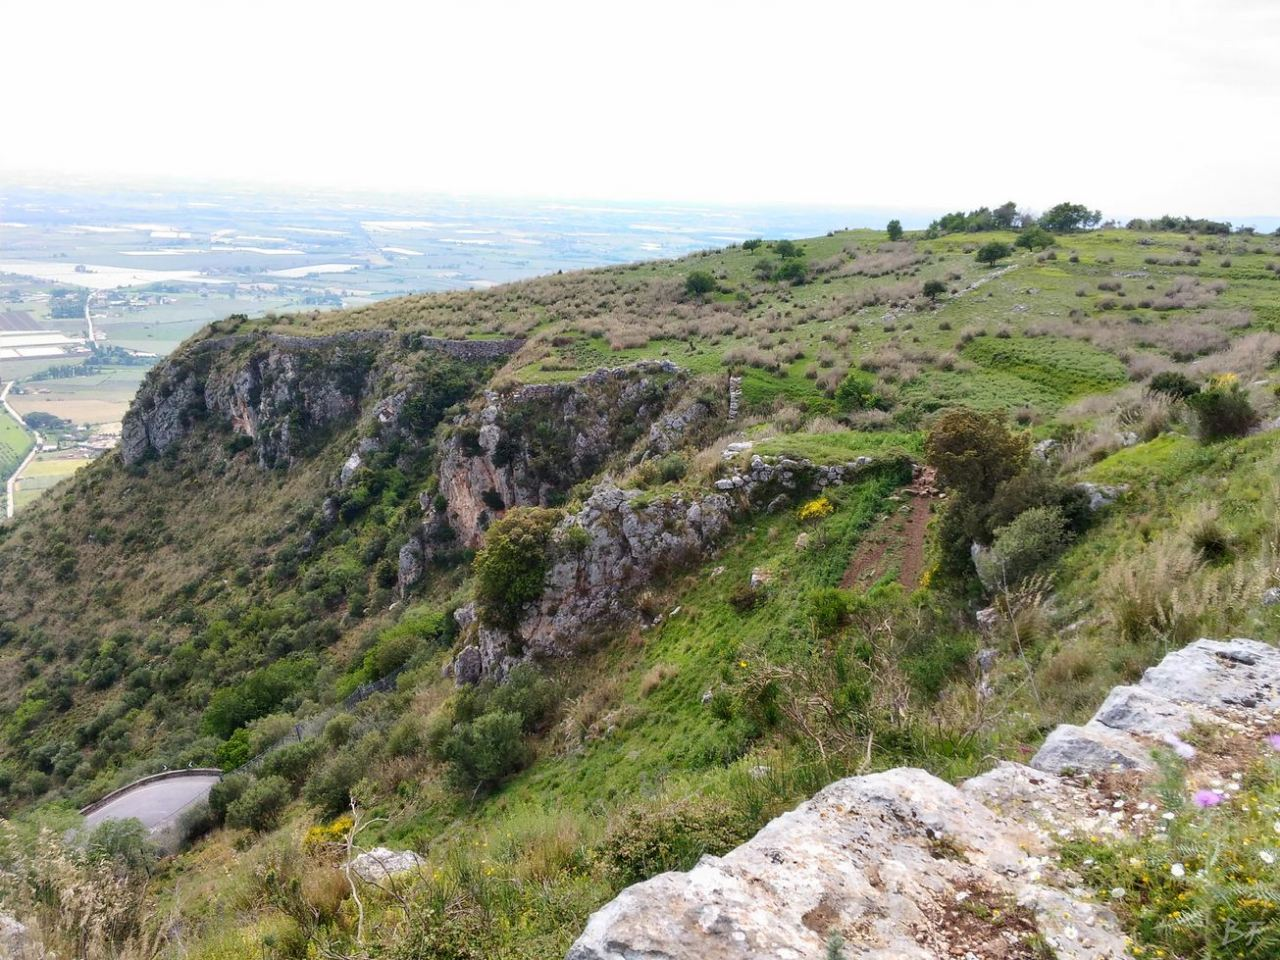 Norba-Mura-Megalitiche-Poligonali-Latina-Lazio-Italia-22